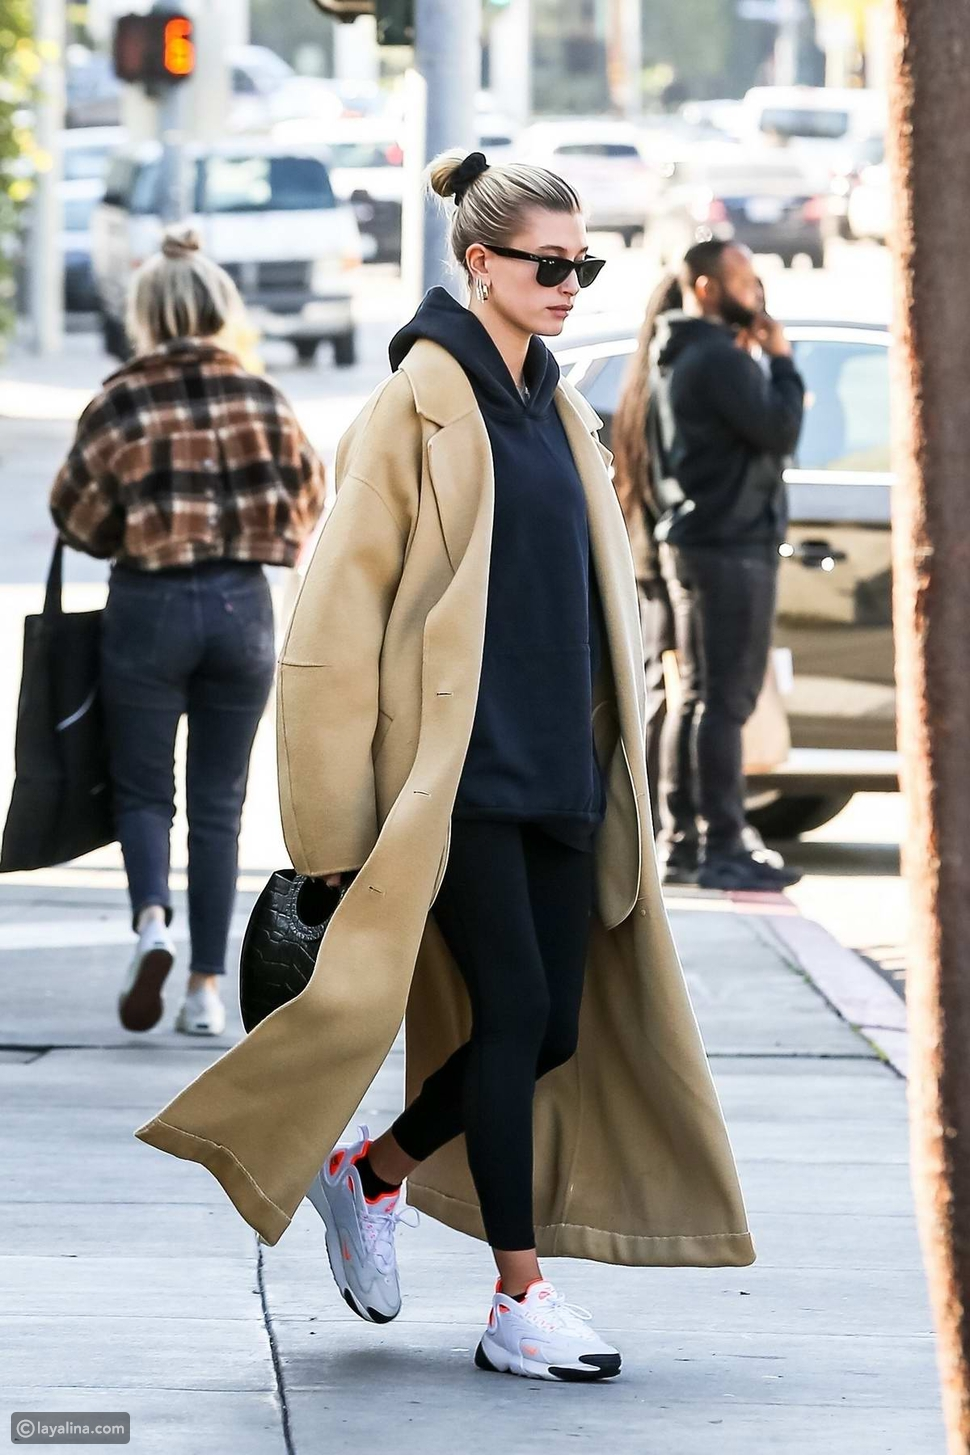 معطف طويل مع إطلالة رياضية